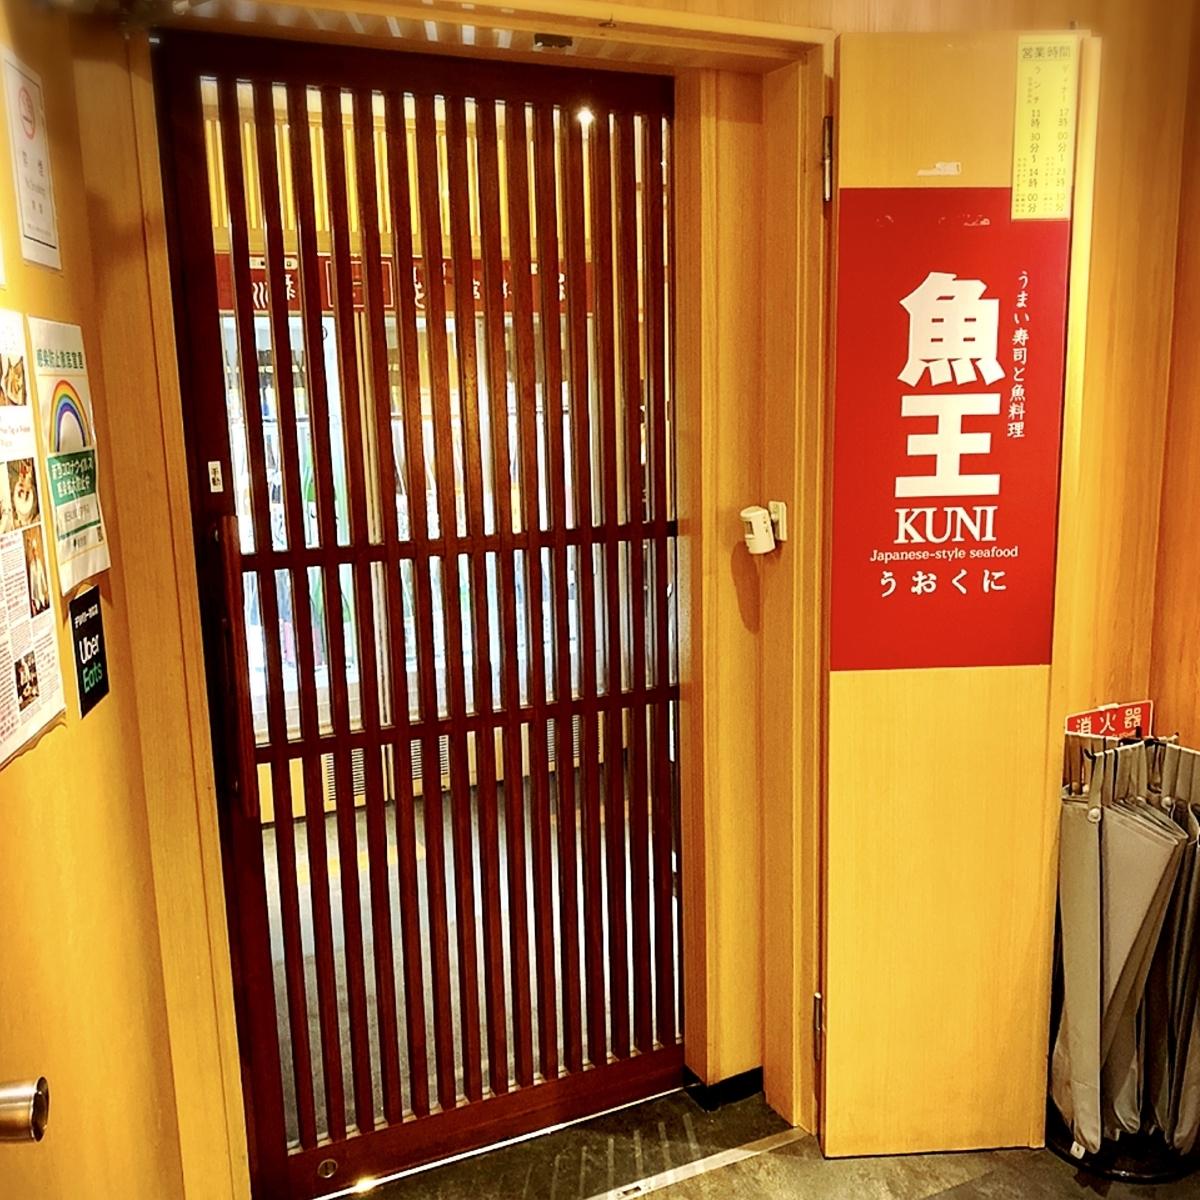 魚王KUNI 吉祥寺の店内雰囲気